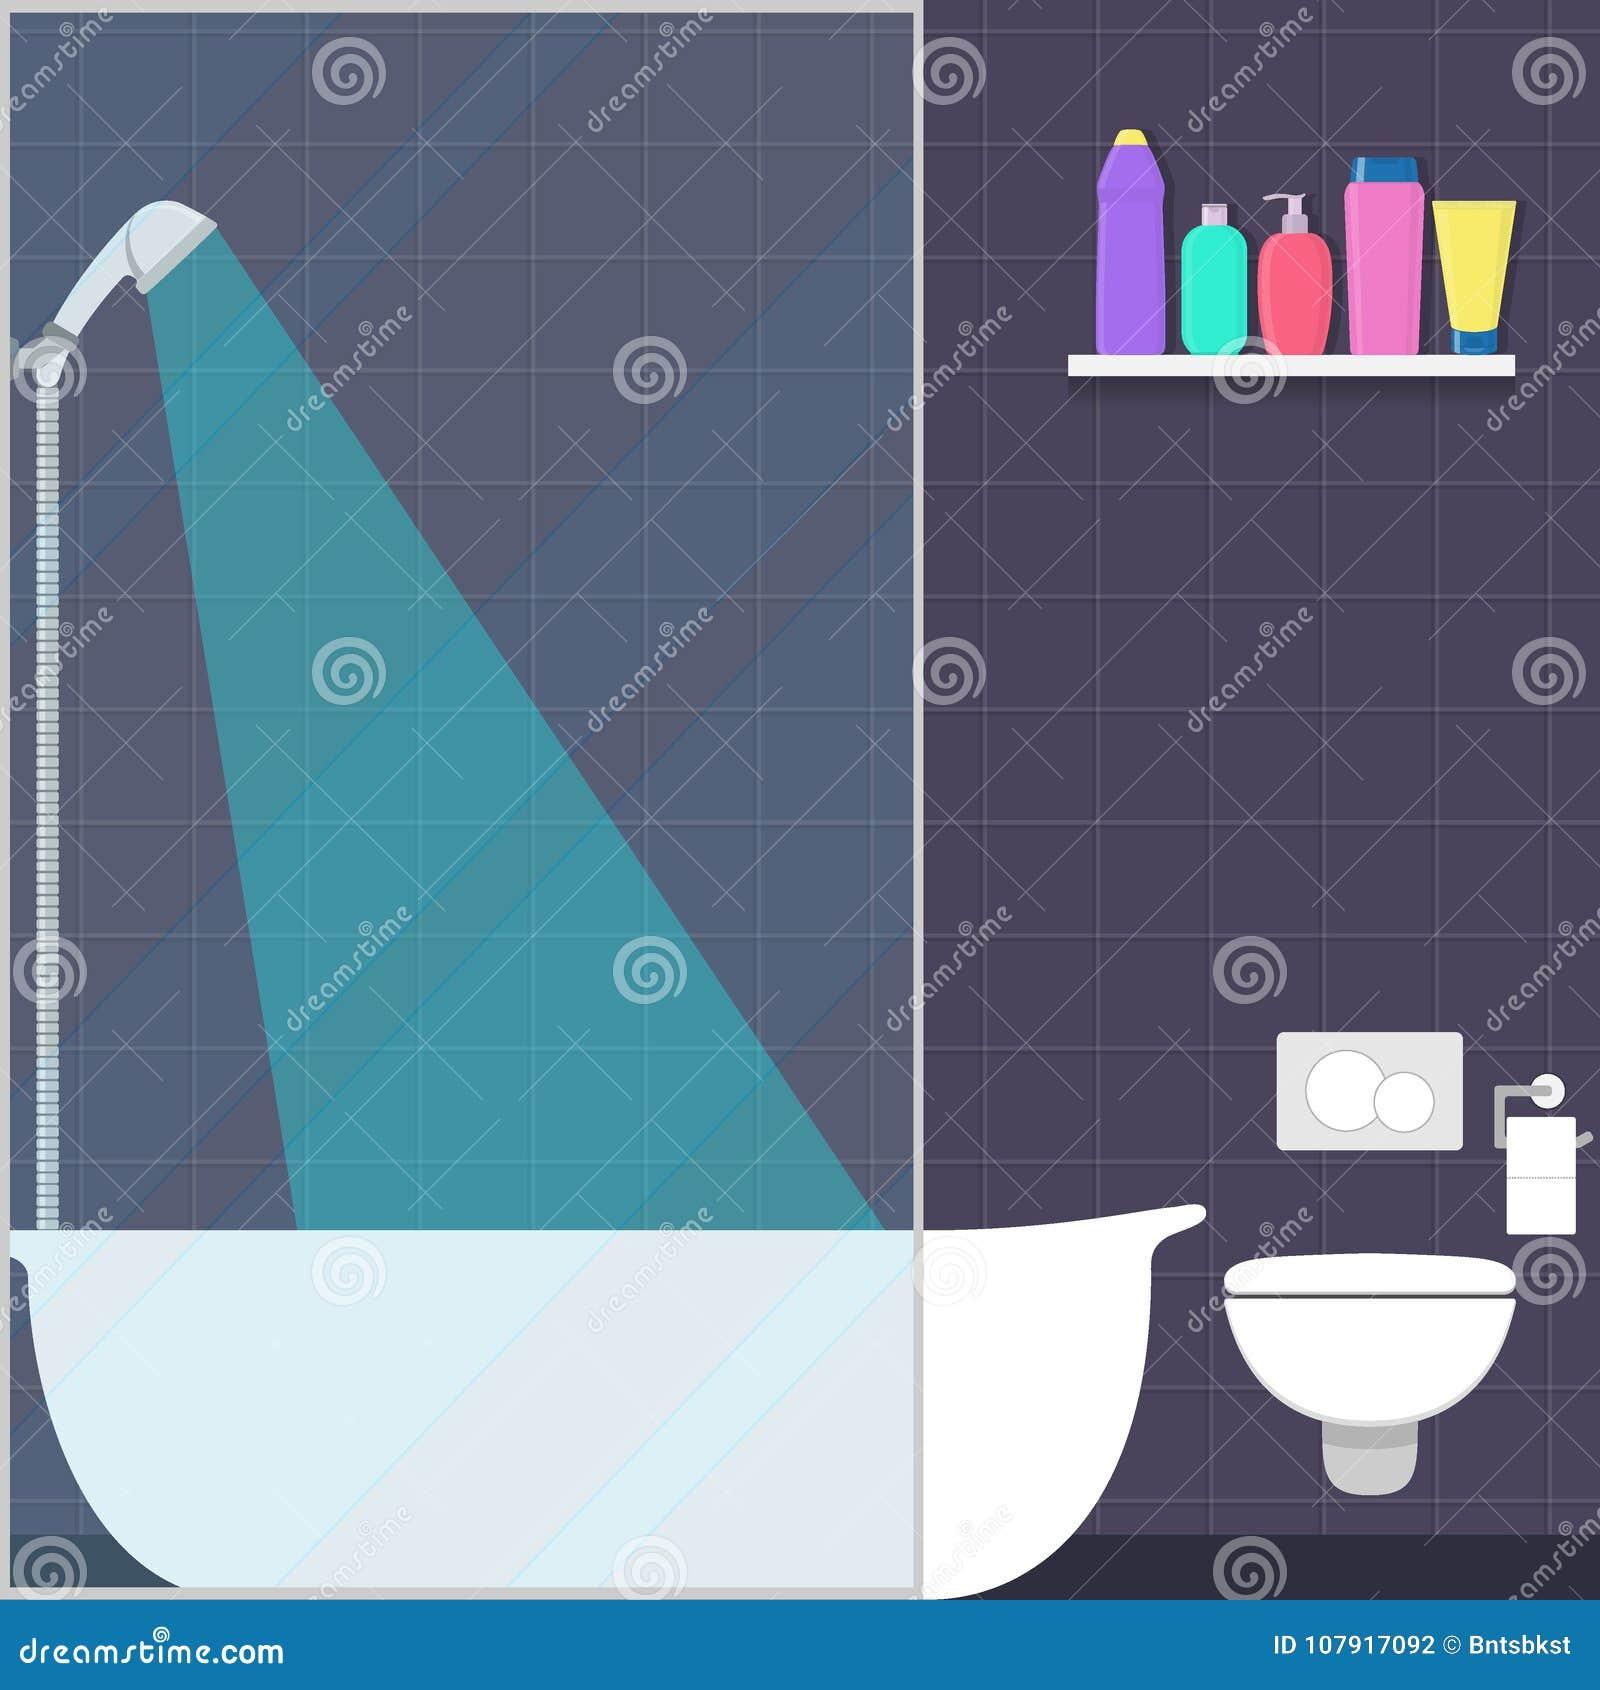 Cute Bathroom In Flat Style Shower, Bath, Shelf With Soap, Shampoo ...